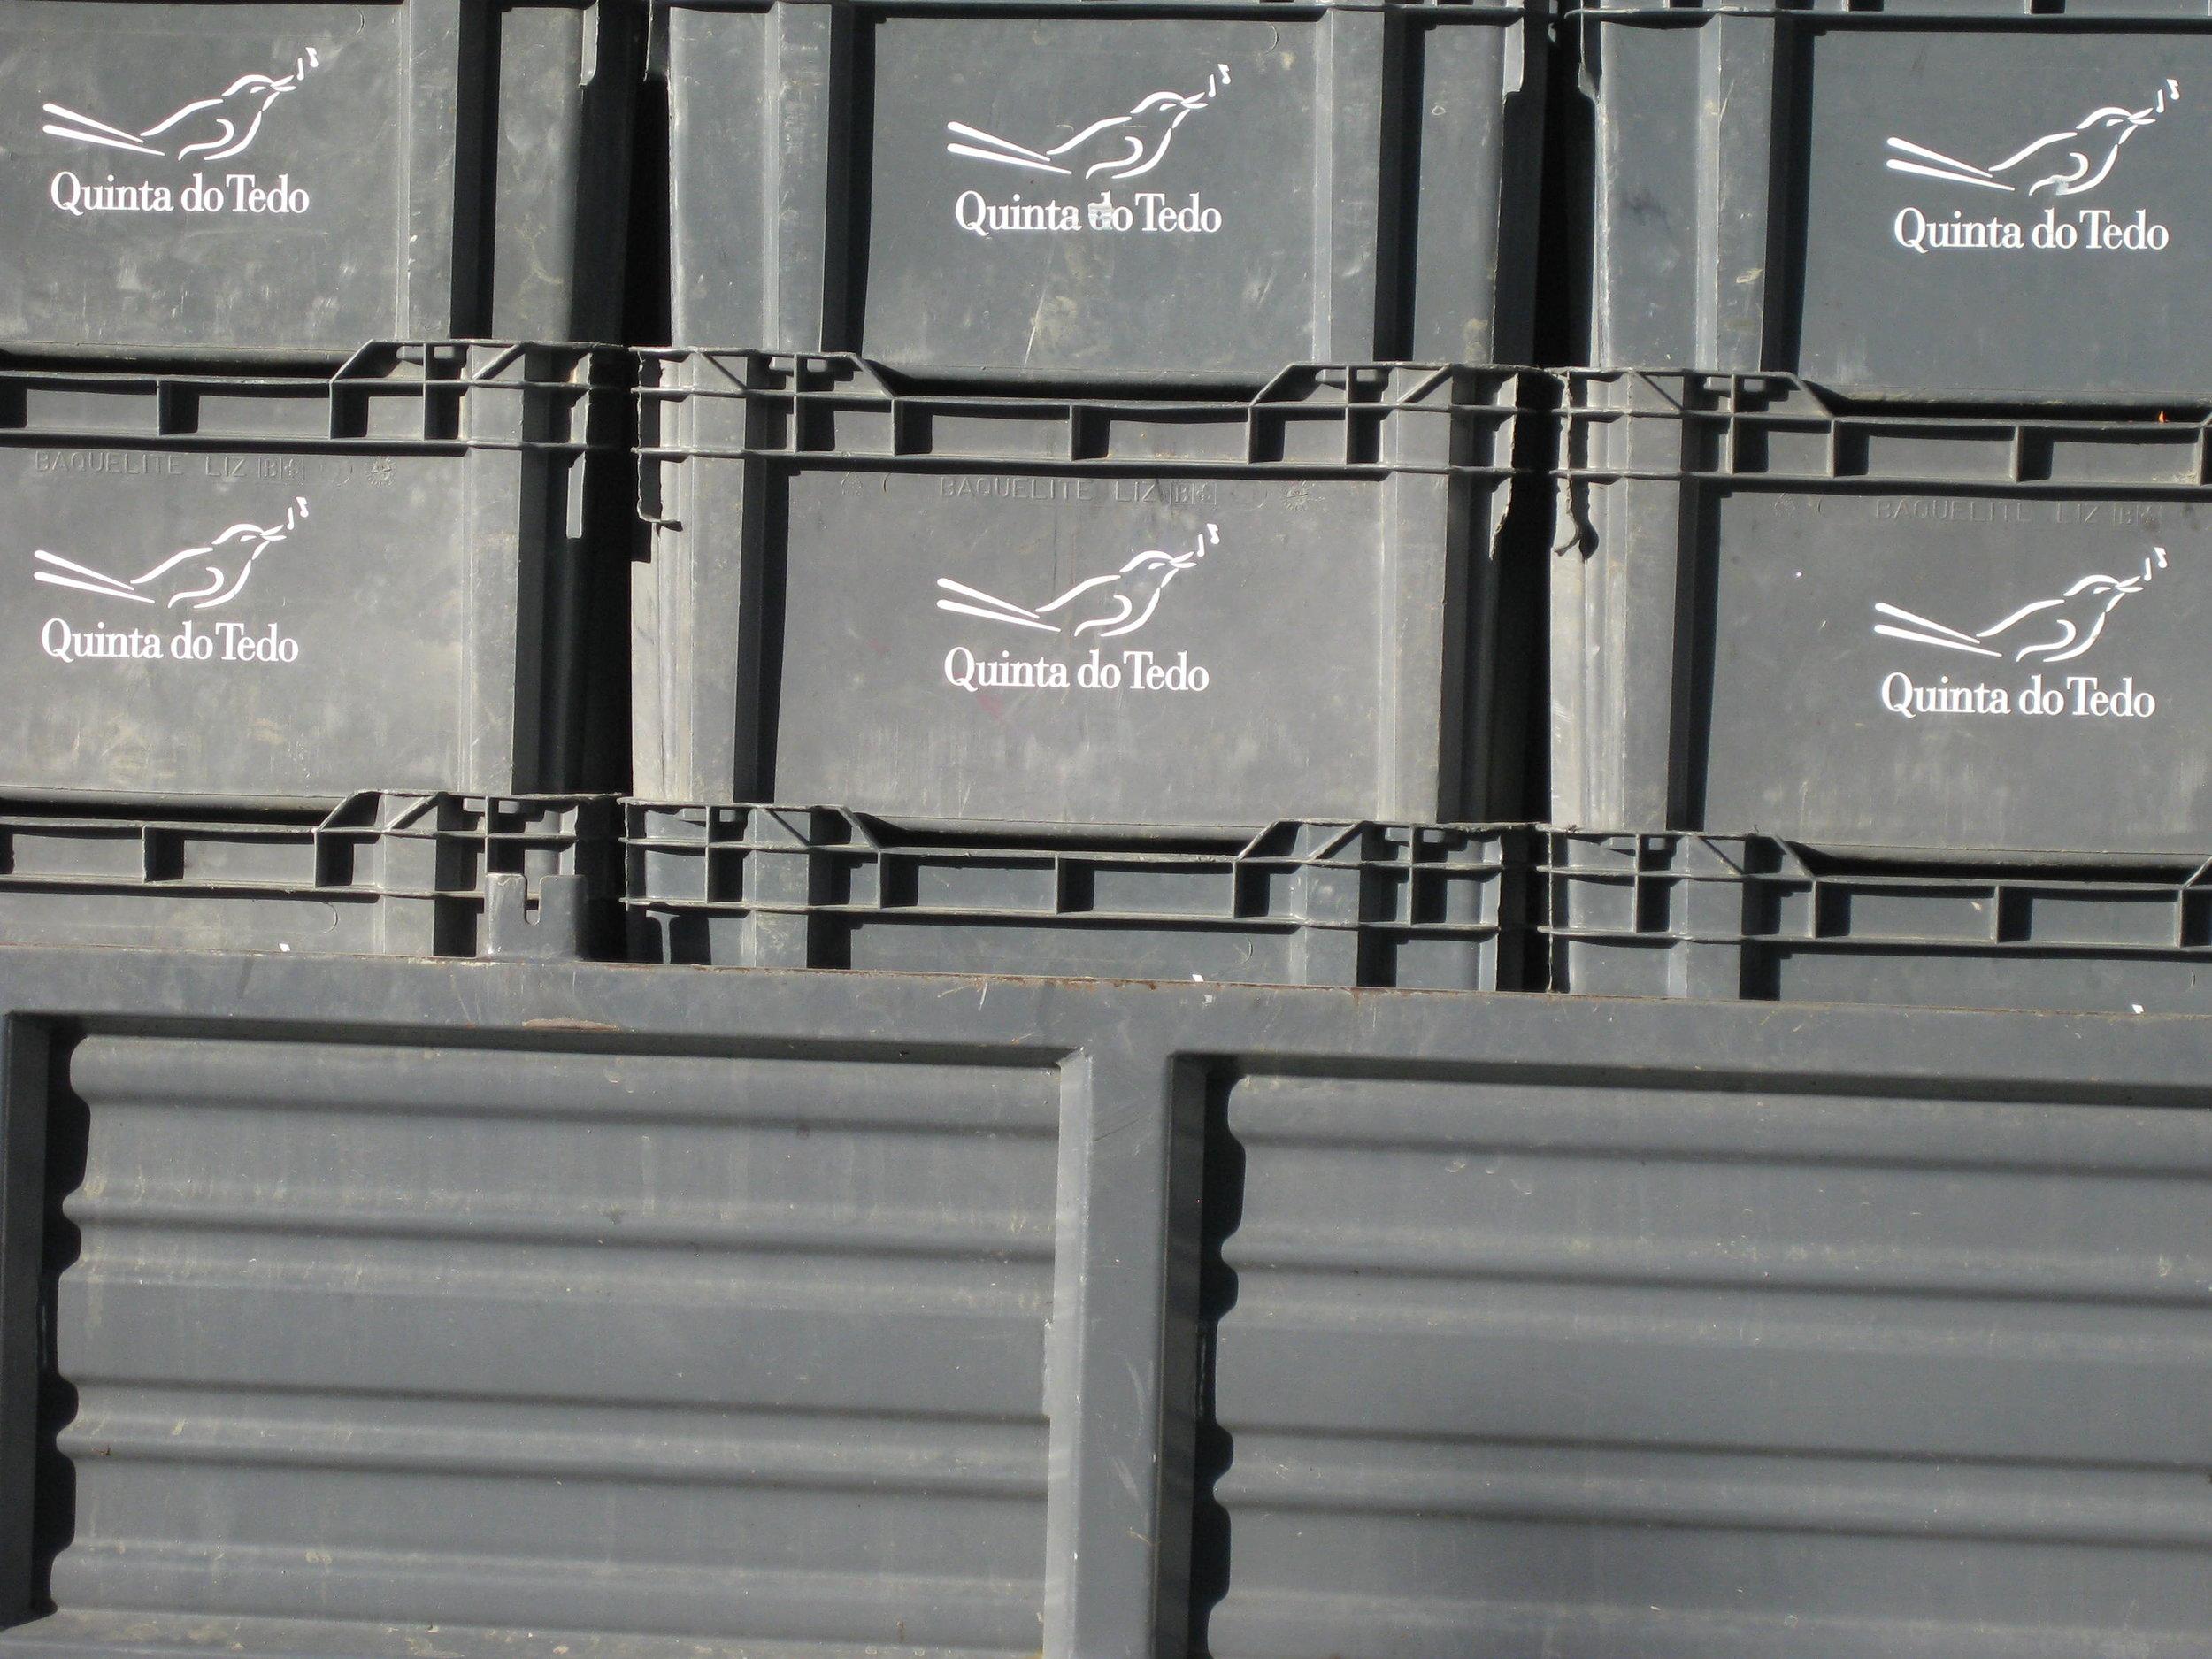 Les caisses en plastique prêtes à aller sur des terrains plus plats